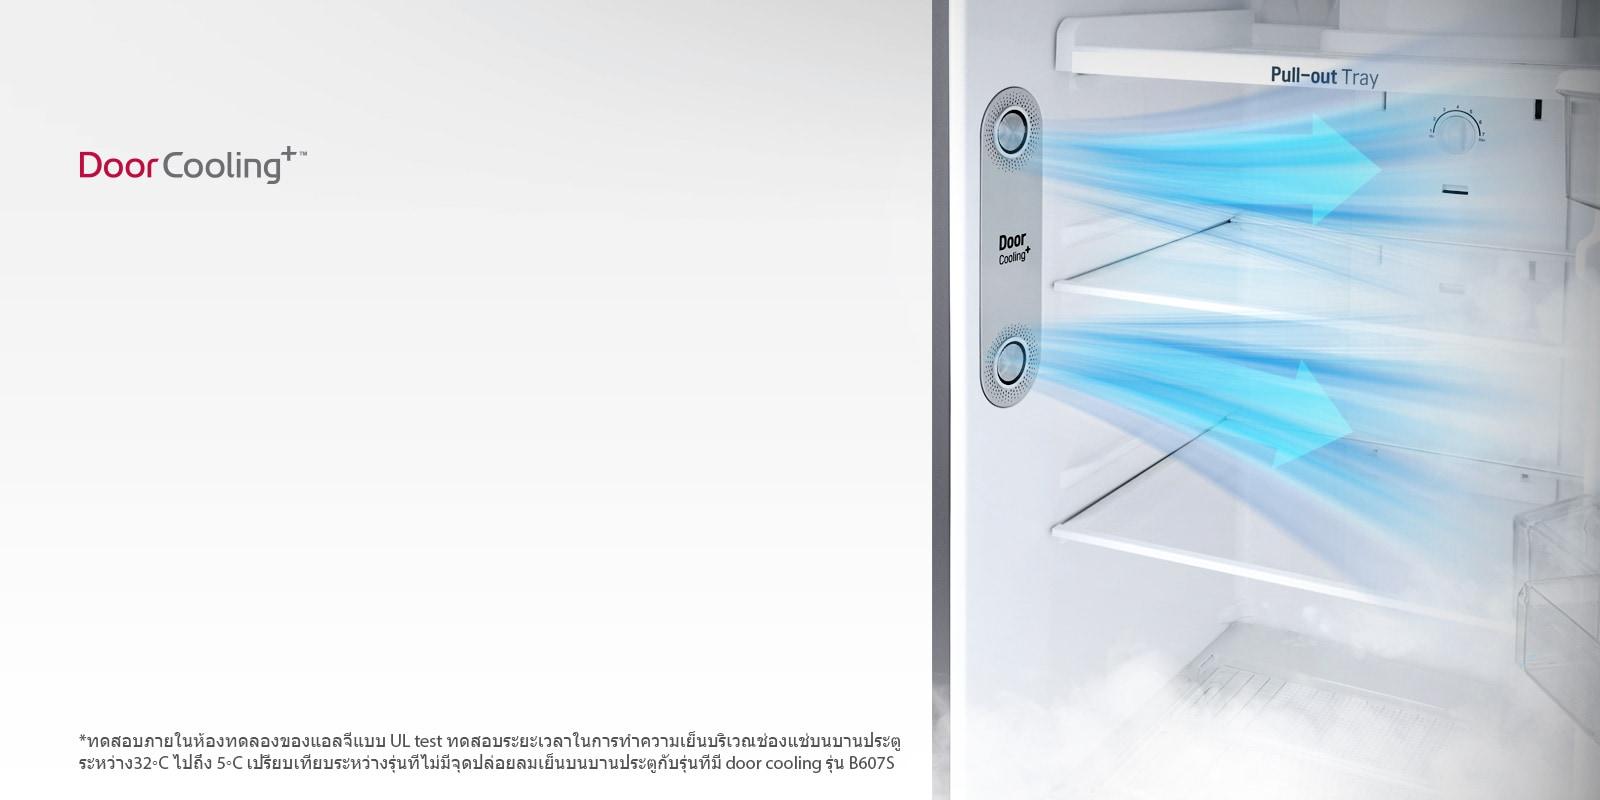 จุดปล่อยลมเย็นบริเวณบานประตูตู้เย็น